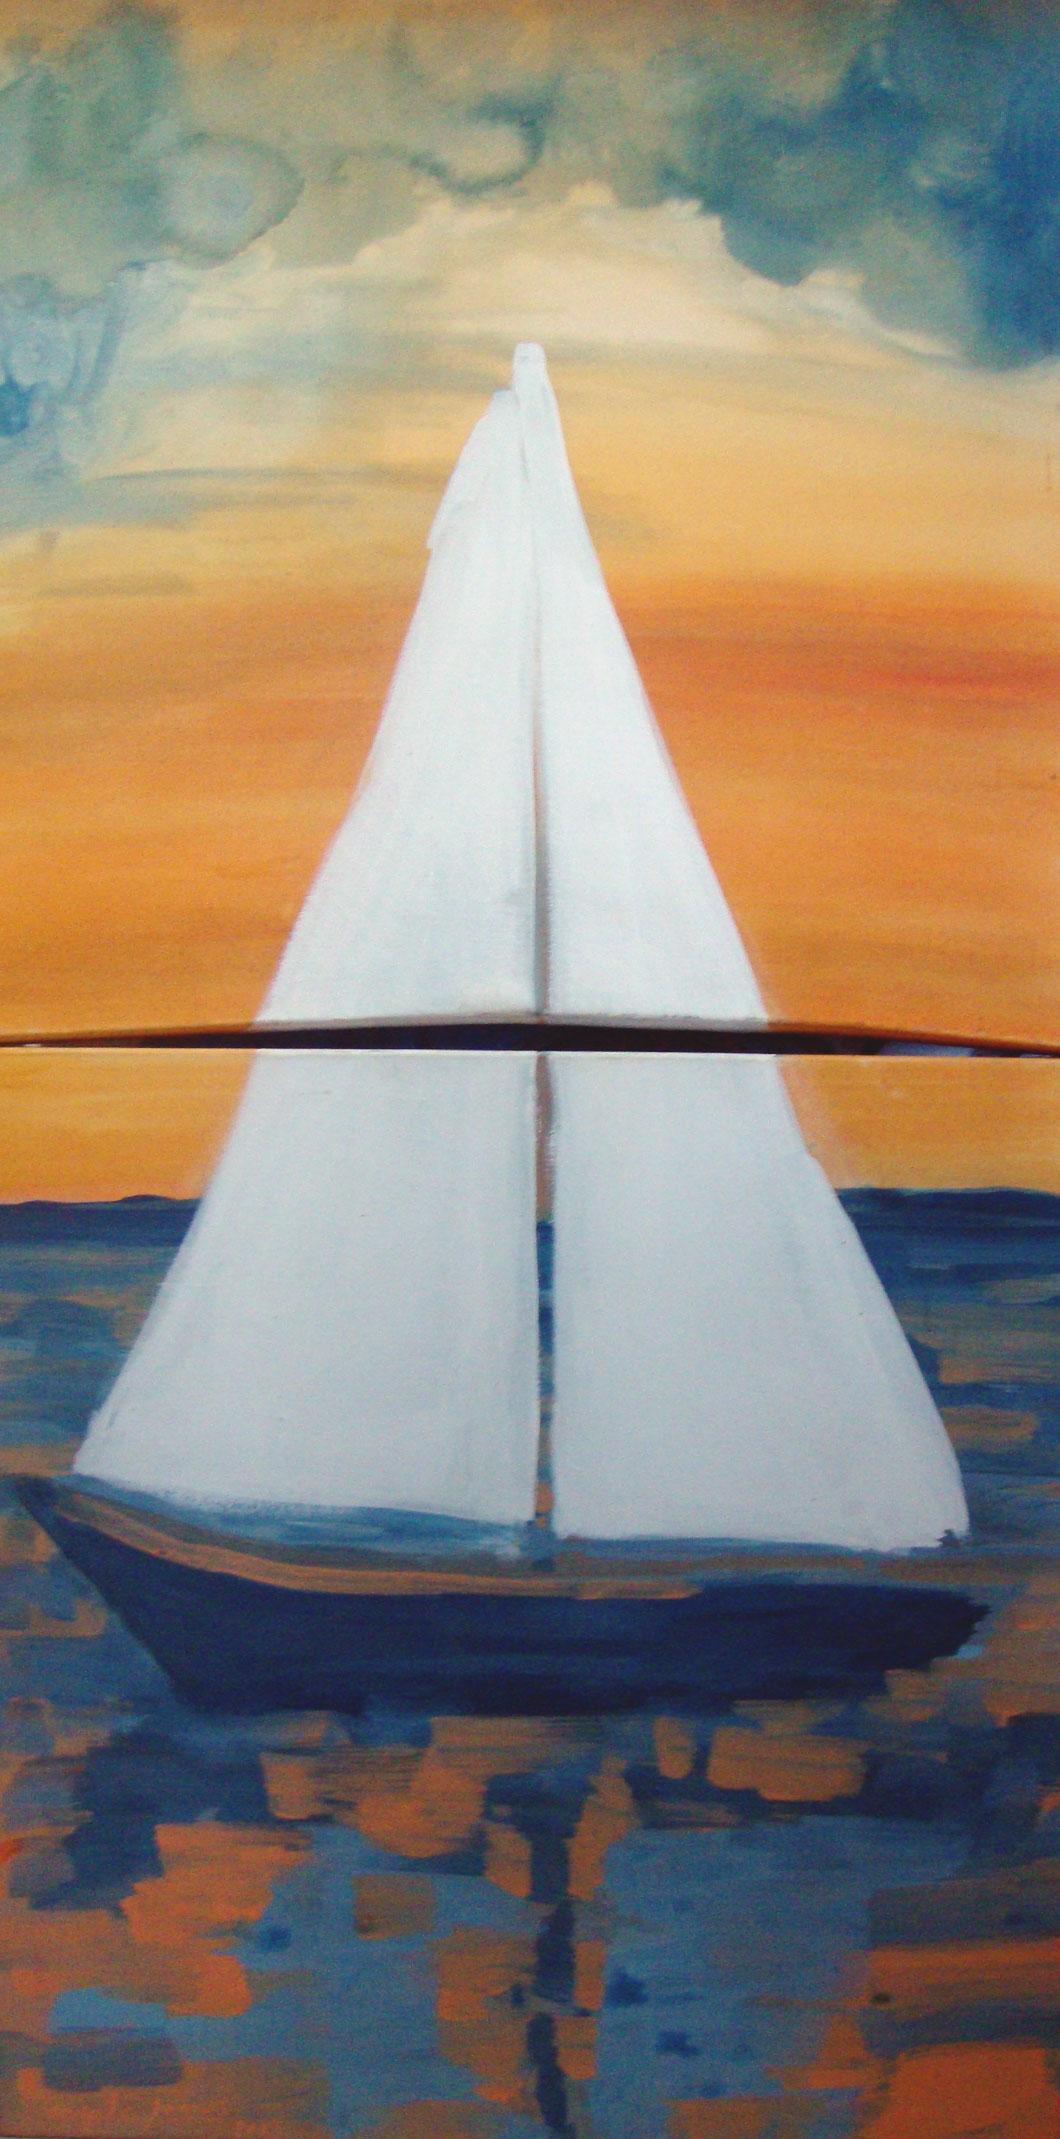 Barco a vela em Búzios - Díptico - 0.60 x 1.20 - Acrílico sobre tela - 0.72